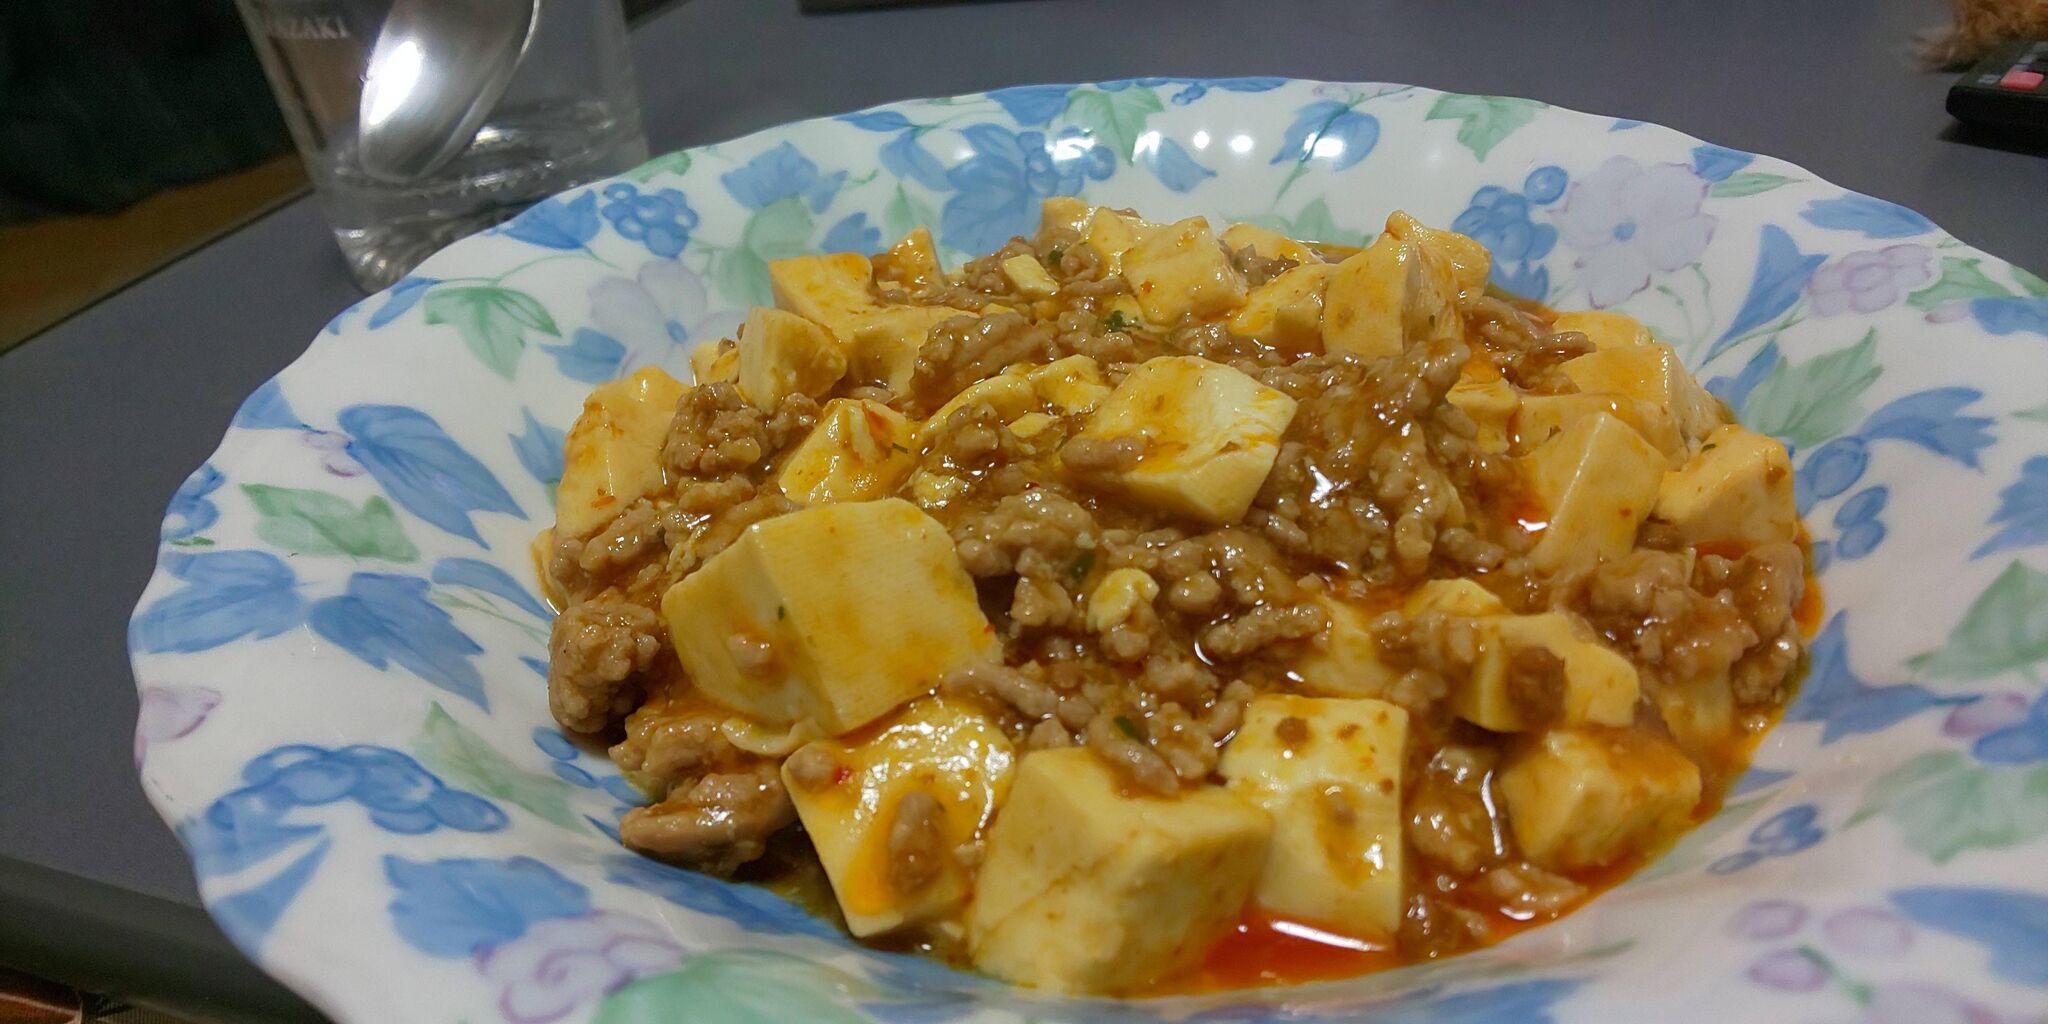 麻婆豆腐作ったったったwwwwwwwwwwwww